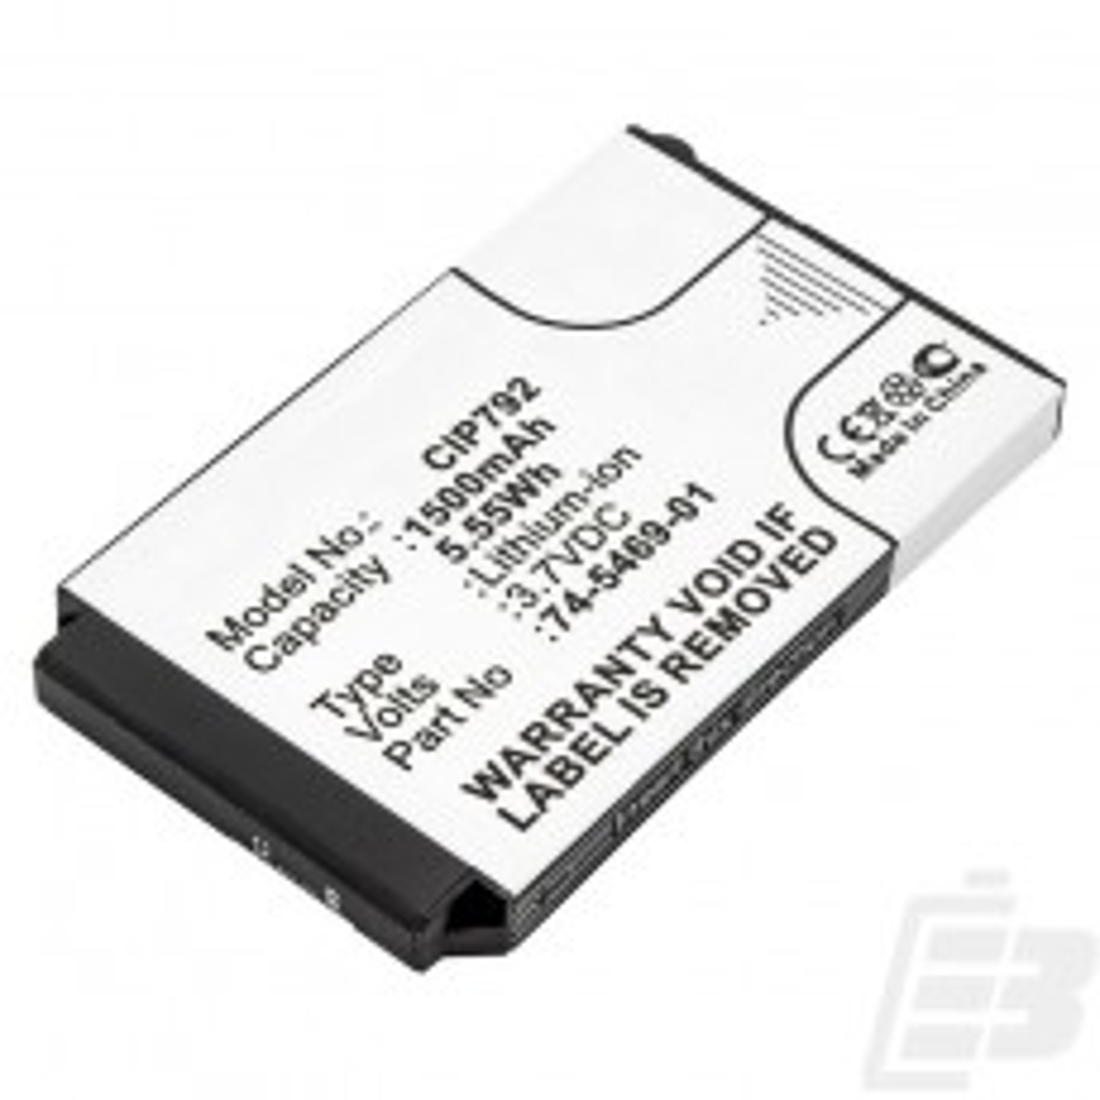 Μπαταρία ασύρματου τηλεφώνου Cisco 7925G_1